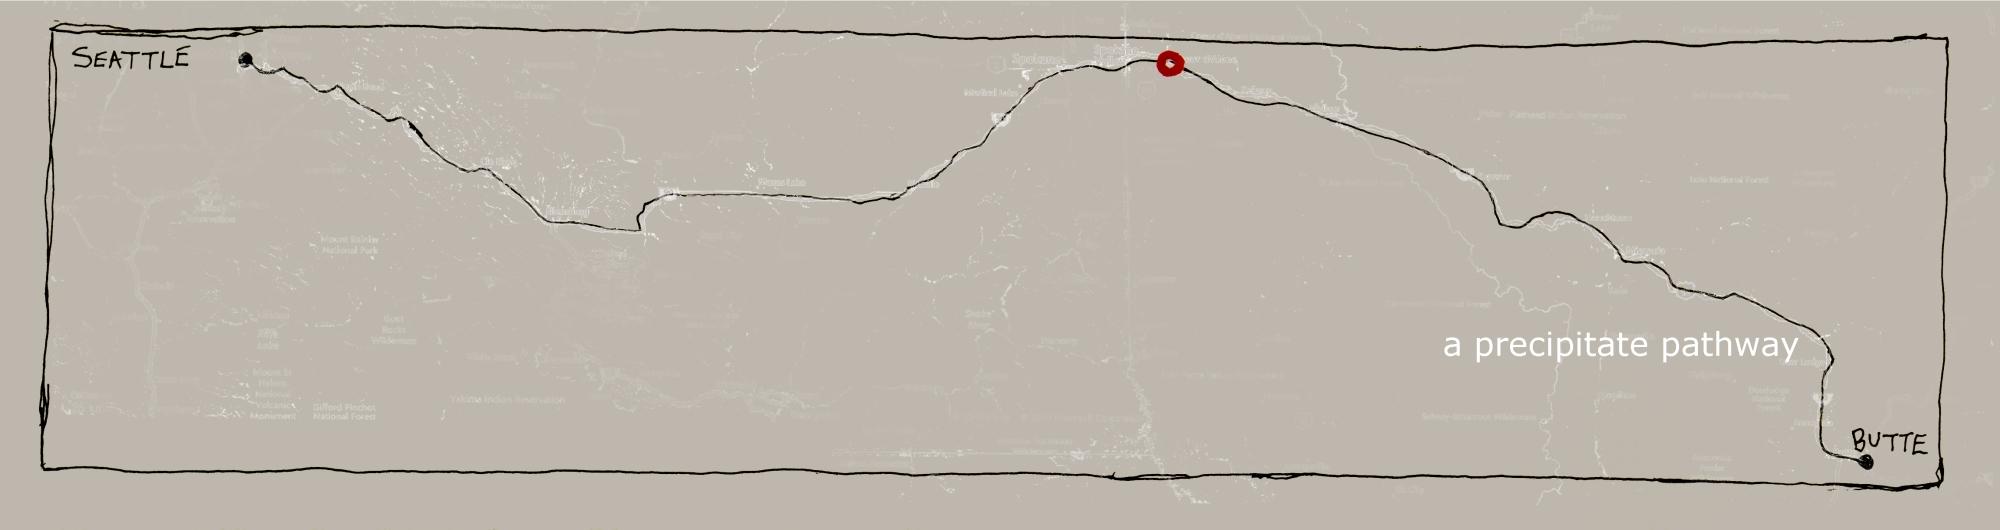 316 map